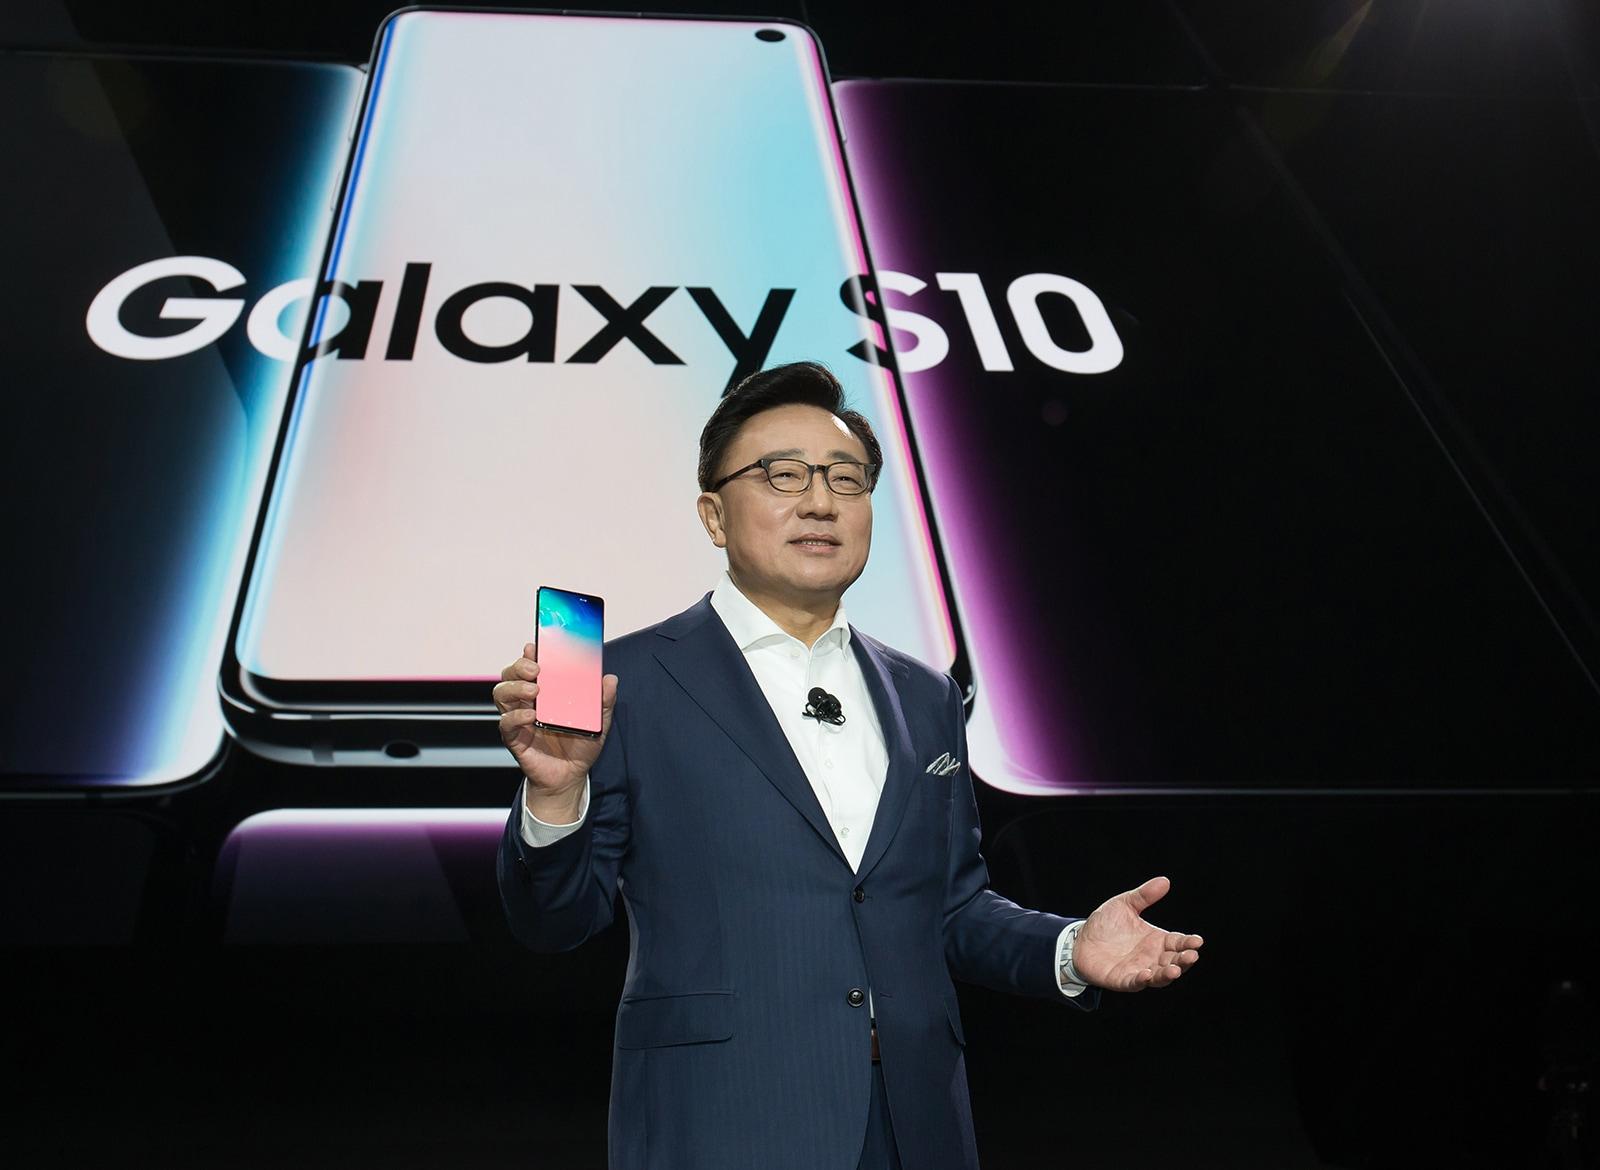 Apresentação do Galaxy S10